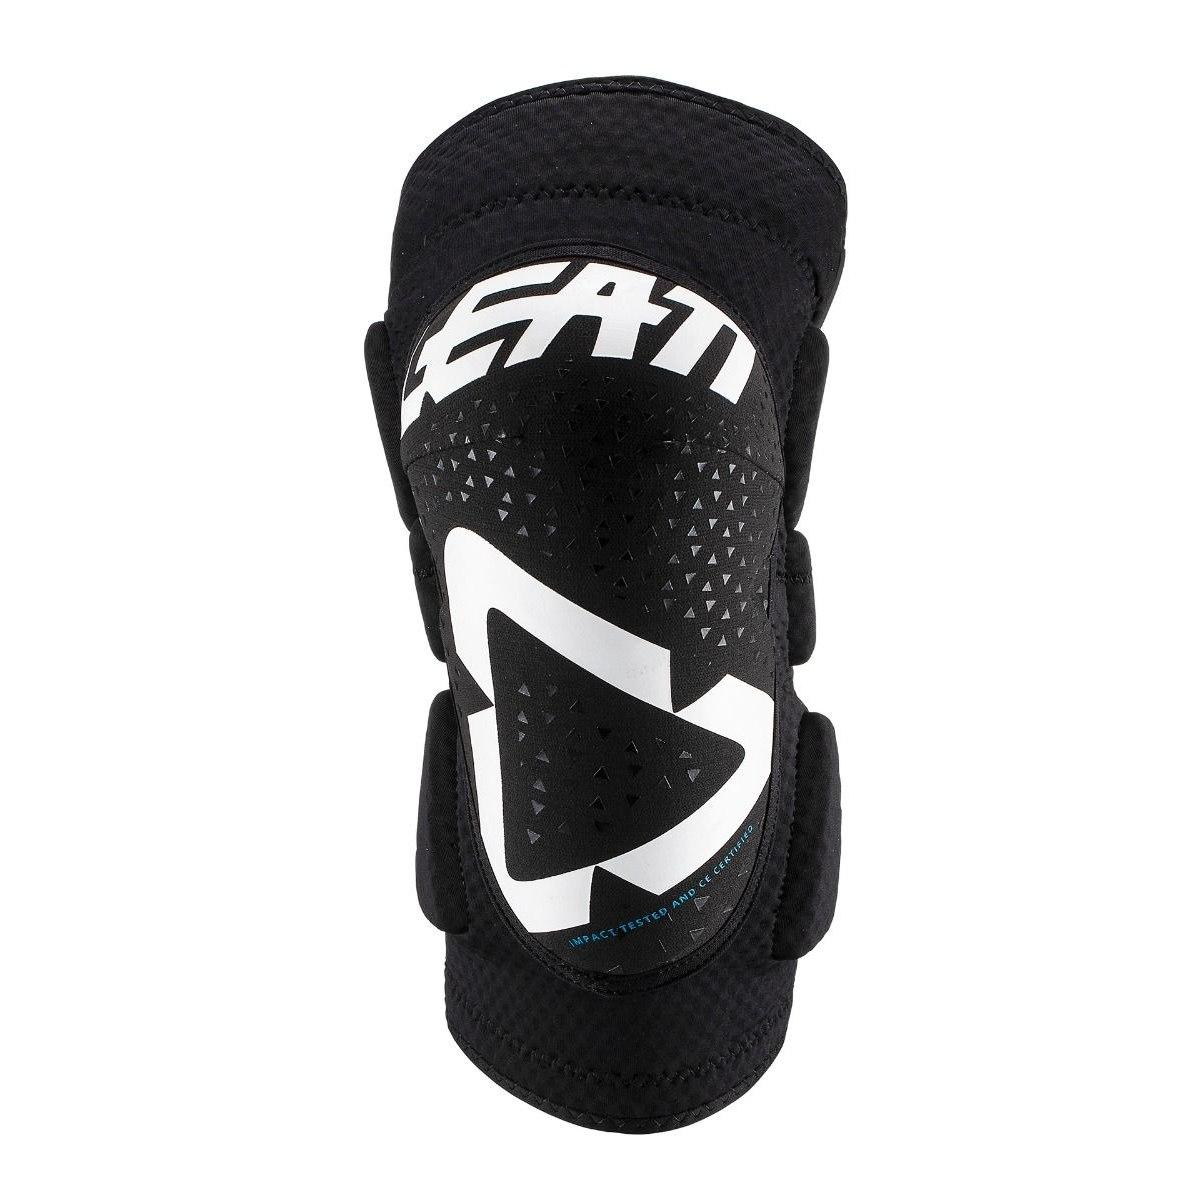 Leatt Knee Guard 3DF 5.0 2020 - white/black